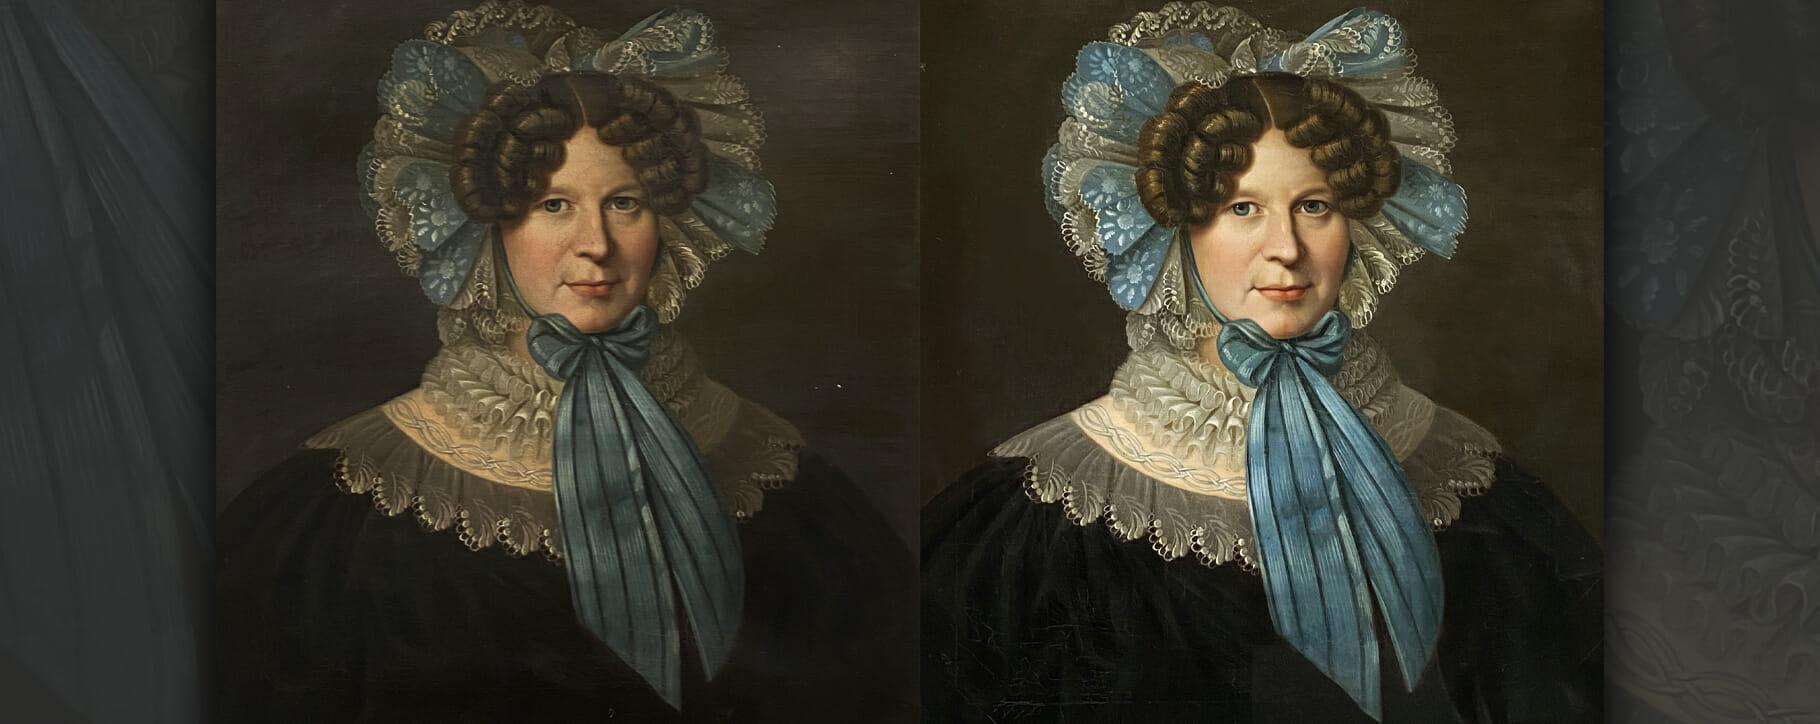 Victorian Bonnet Portrait Restoration